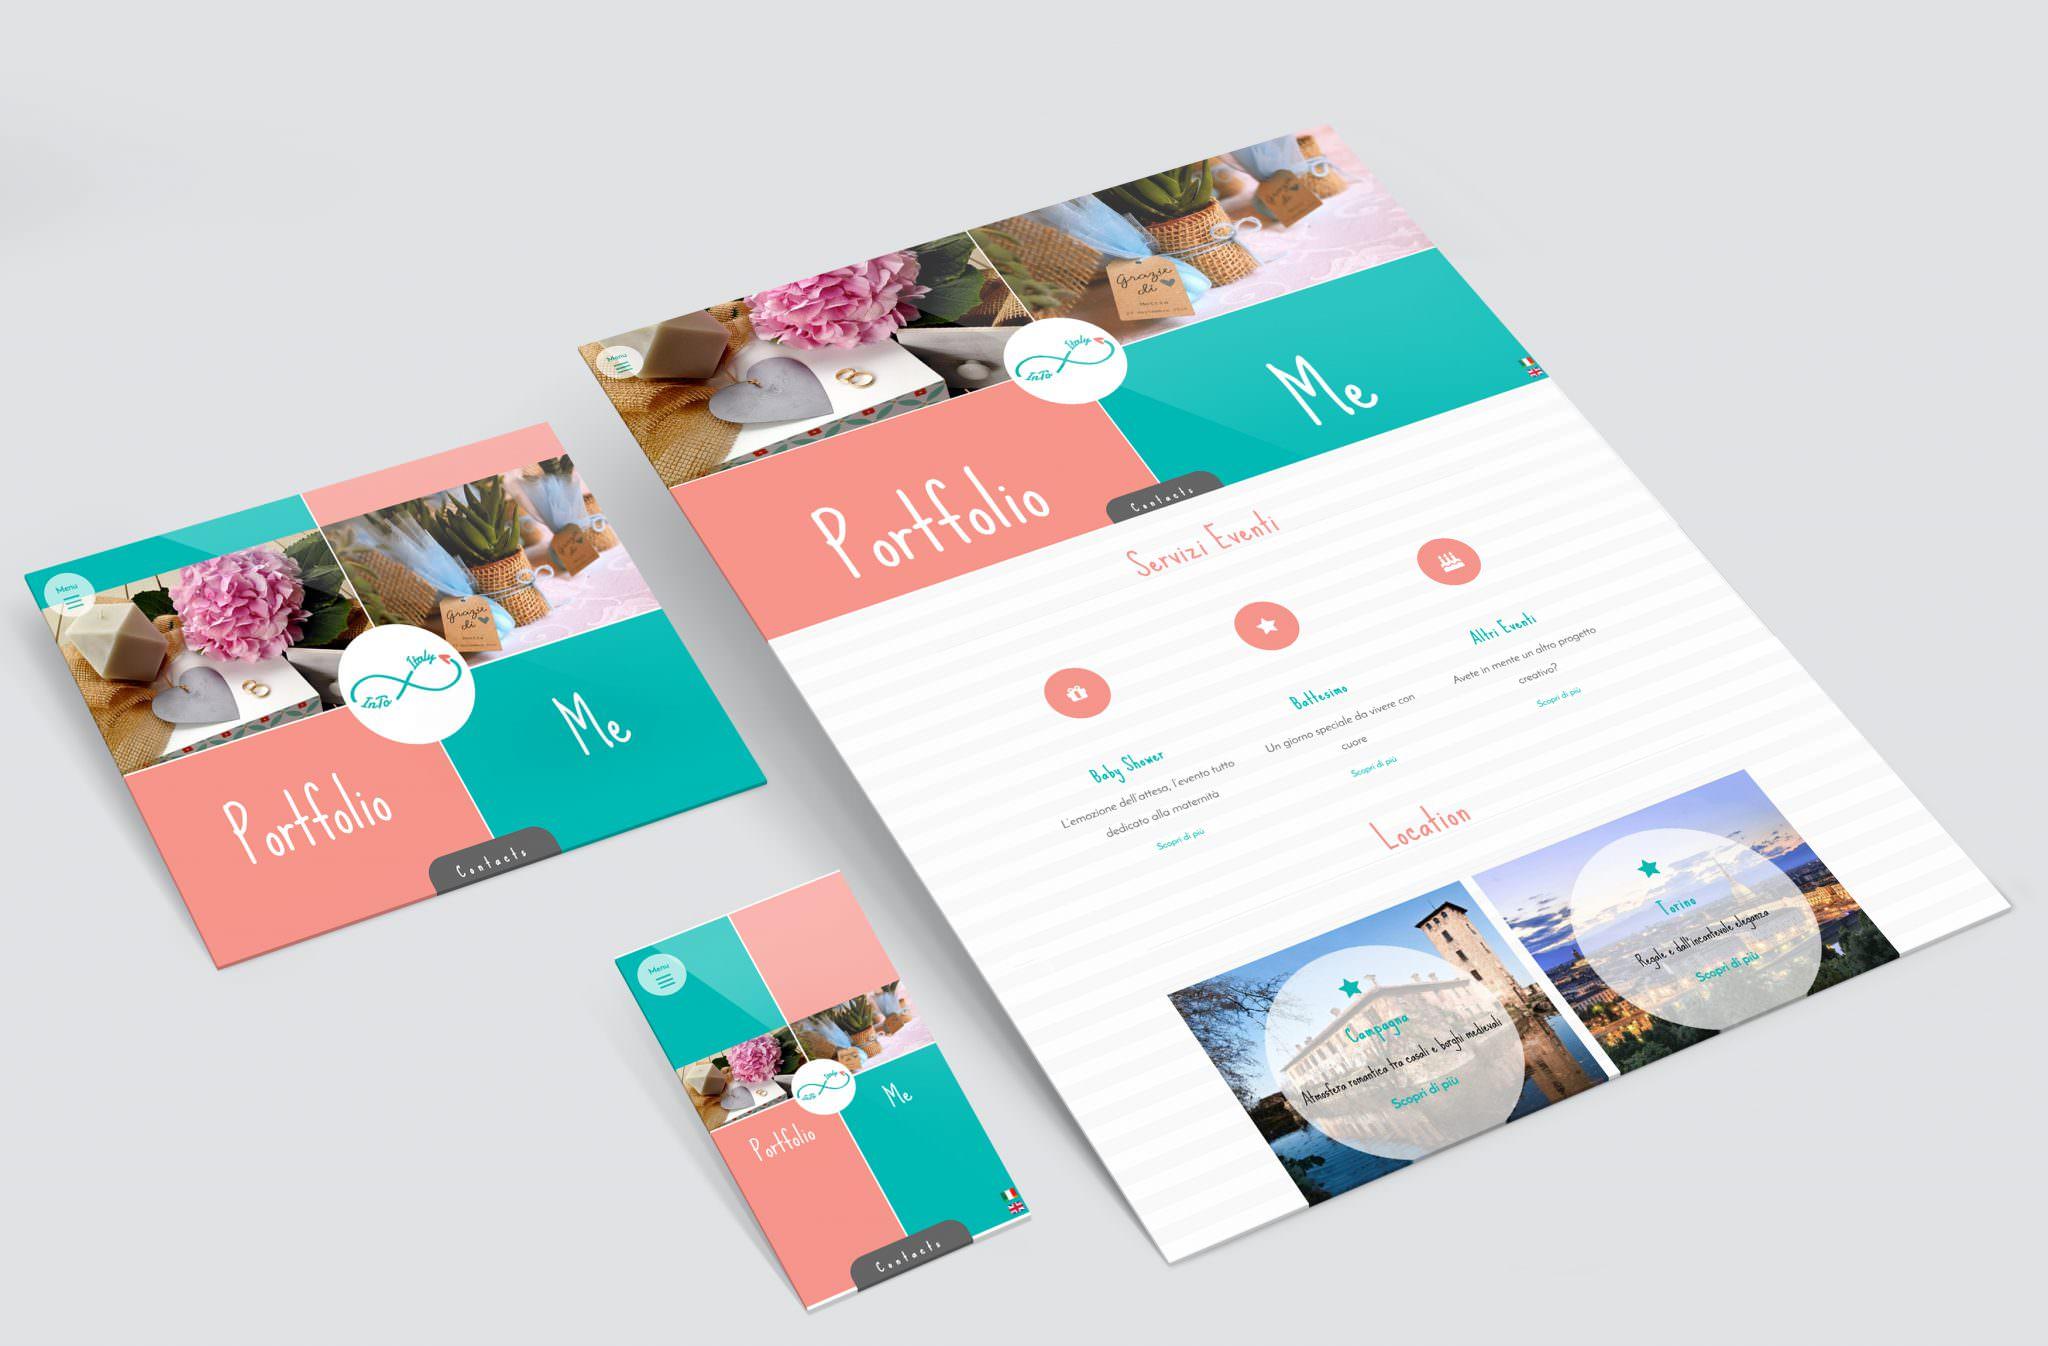 Piano di personal branding e web con SEO